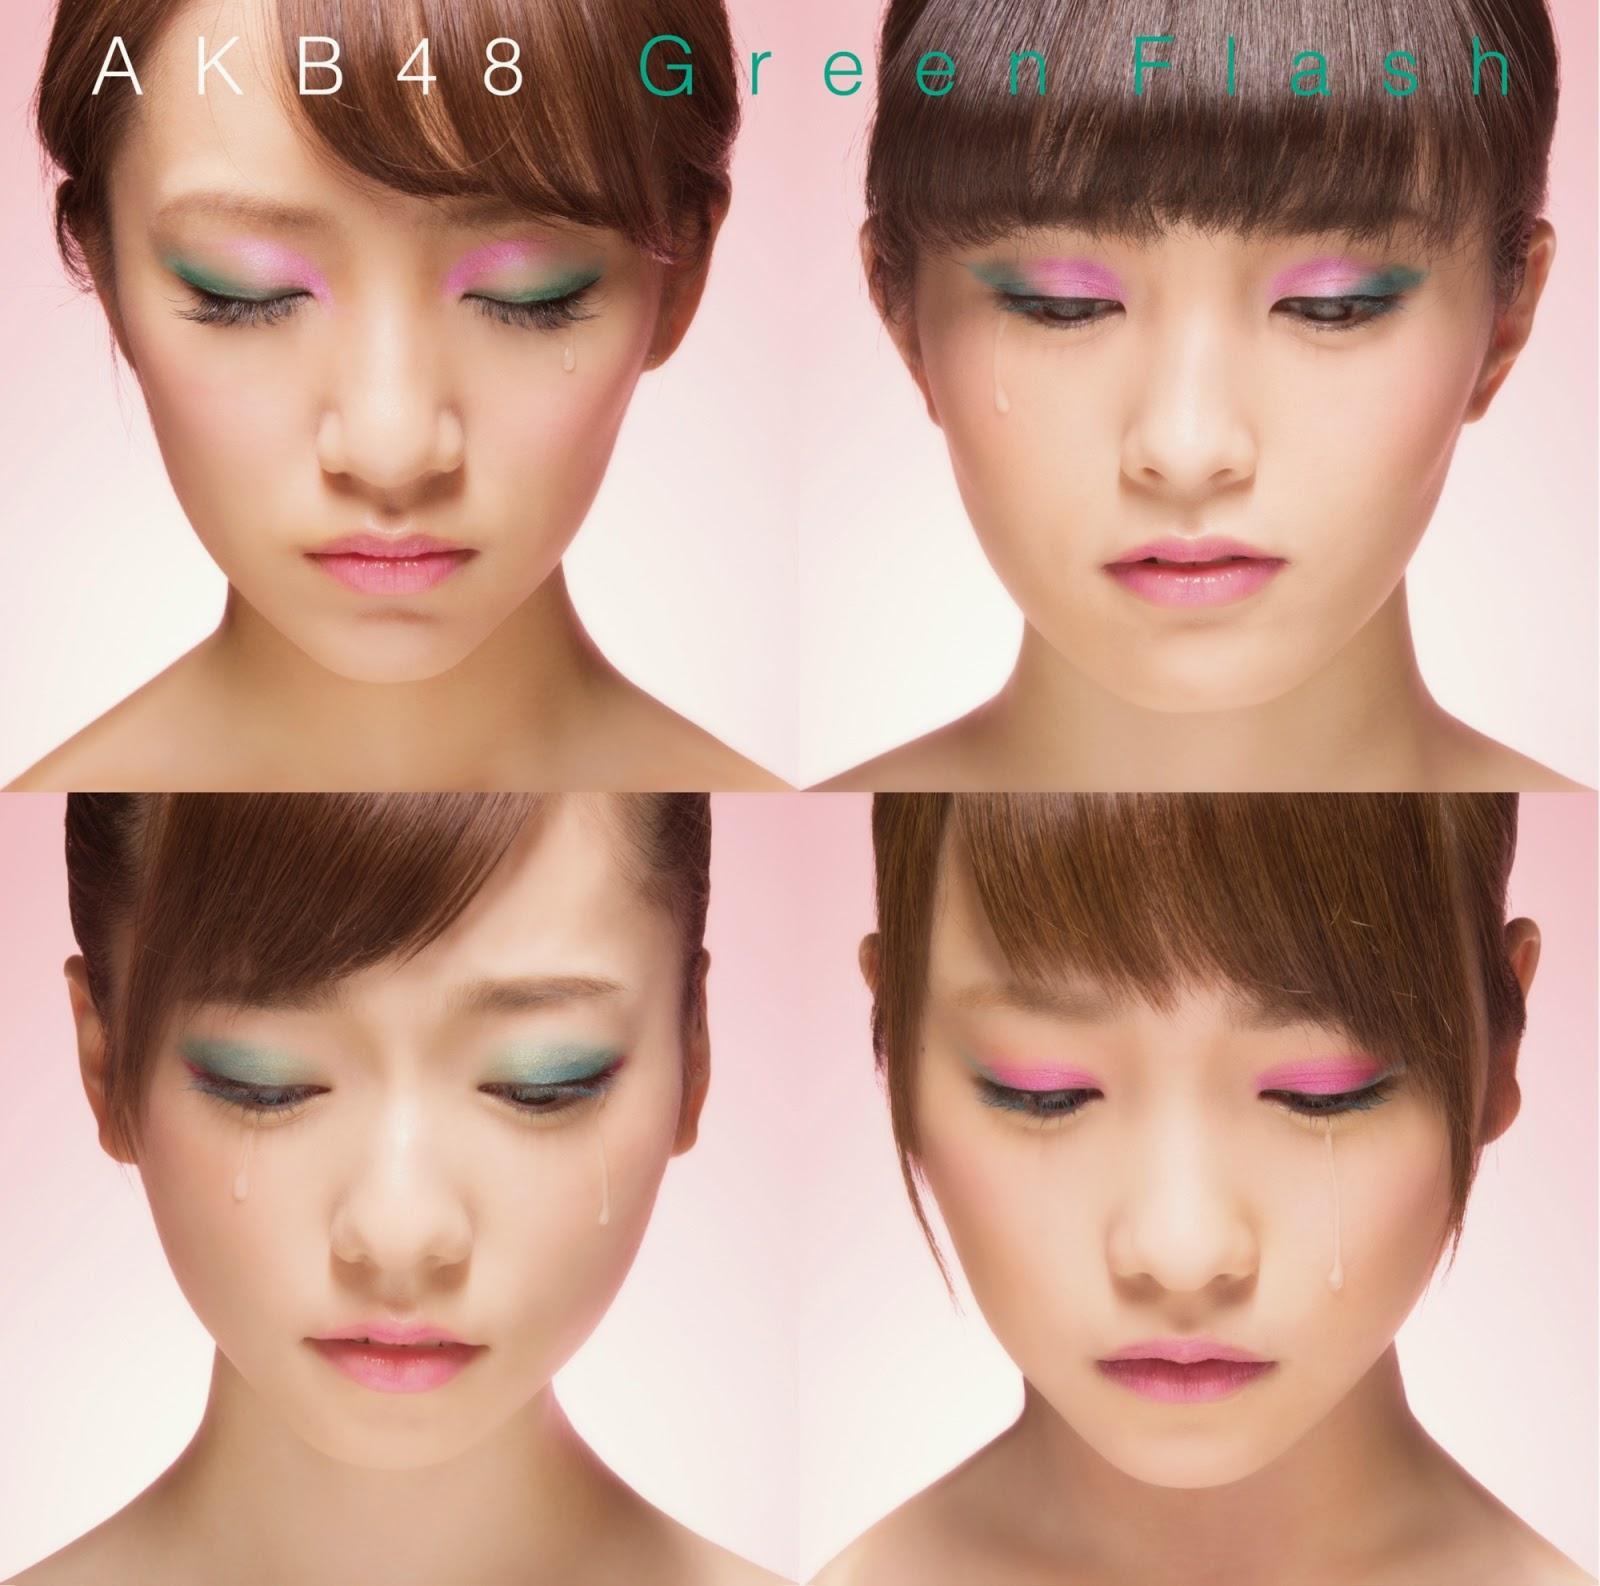 AKB48 Yankee Rock (ヤンキーロック) lyrics 歌詞